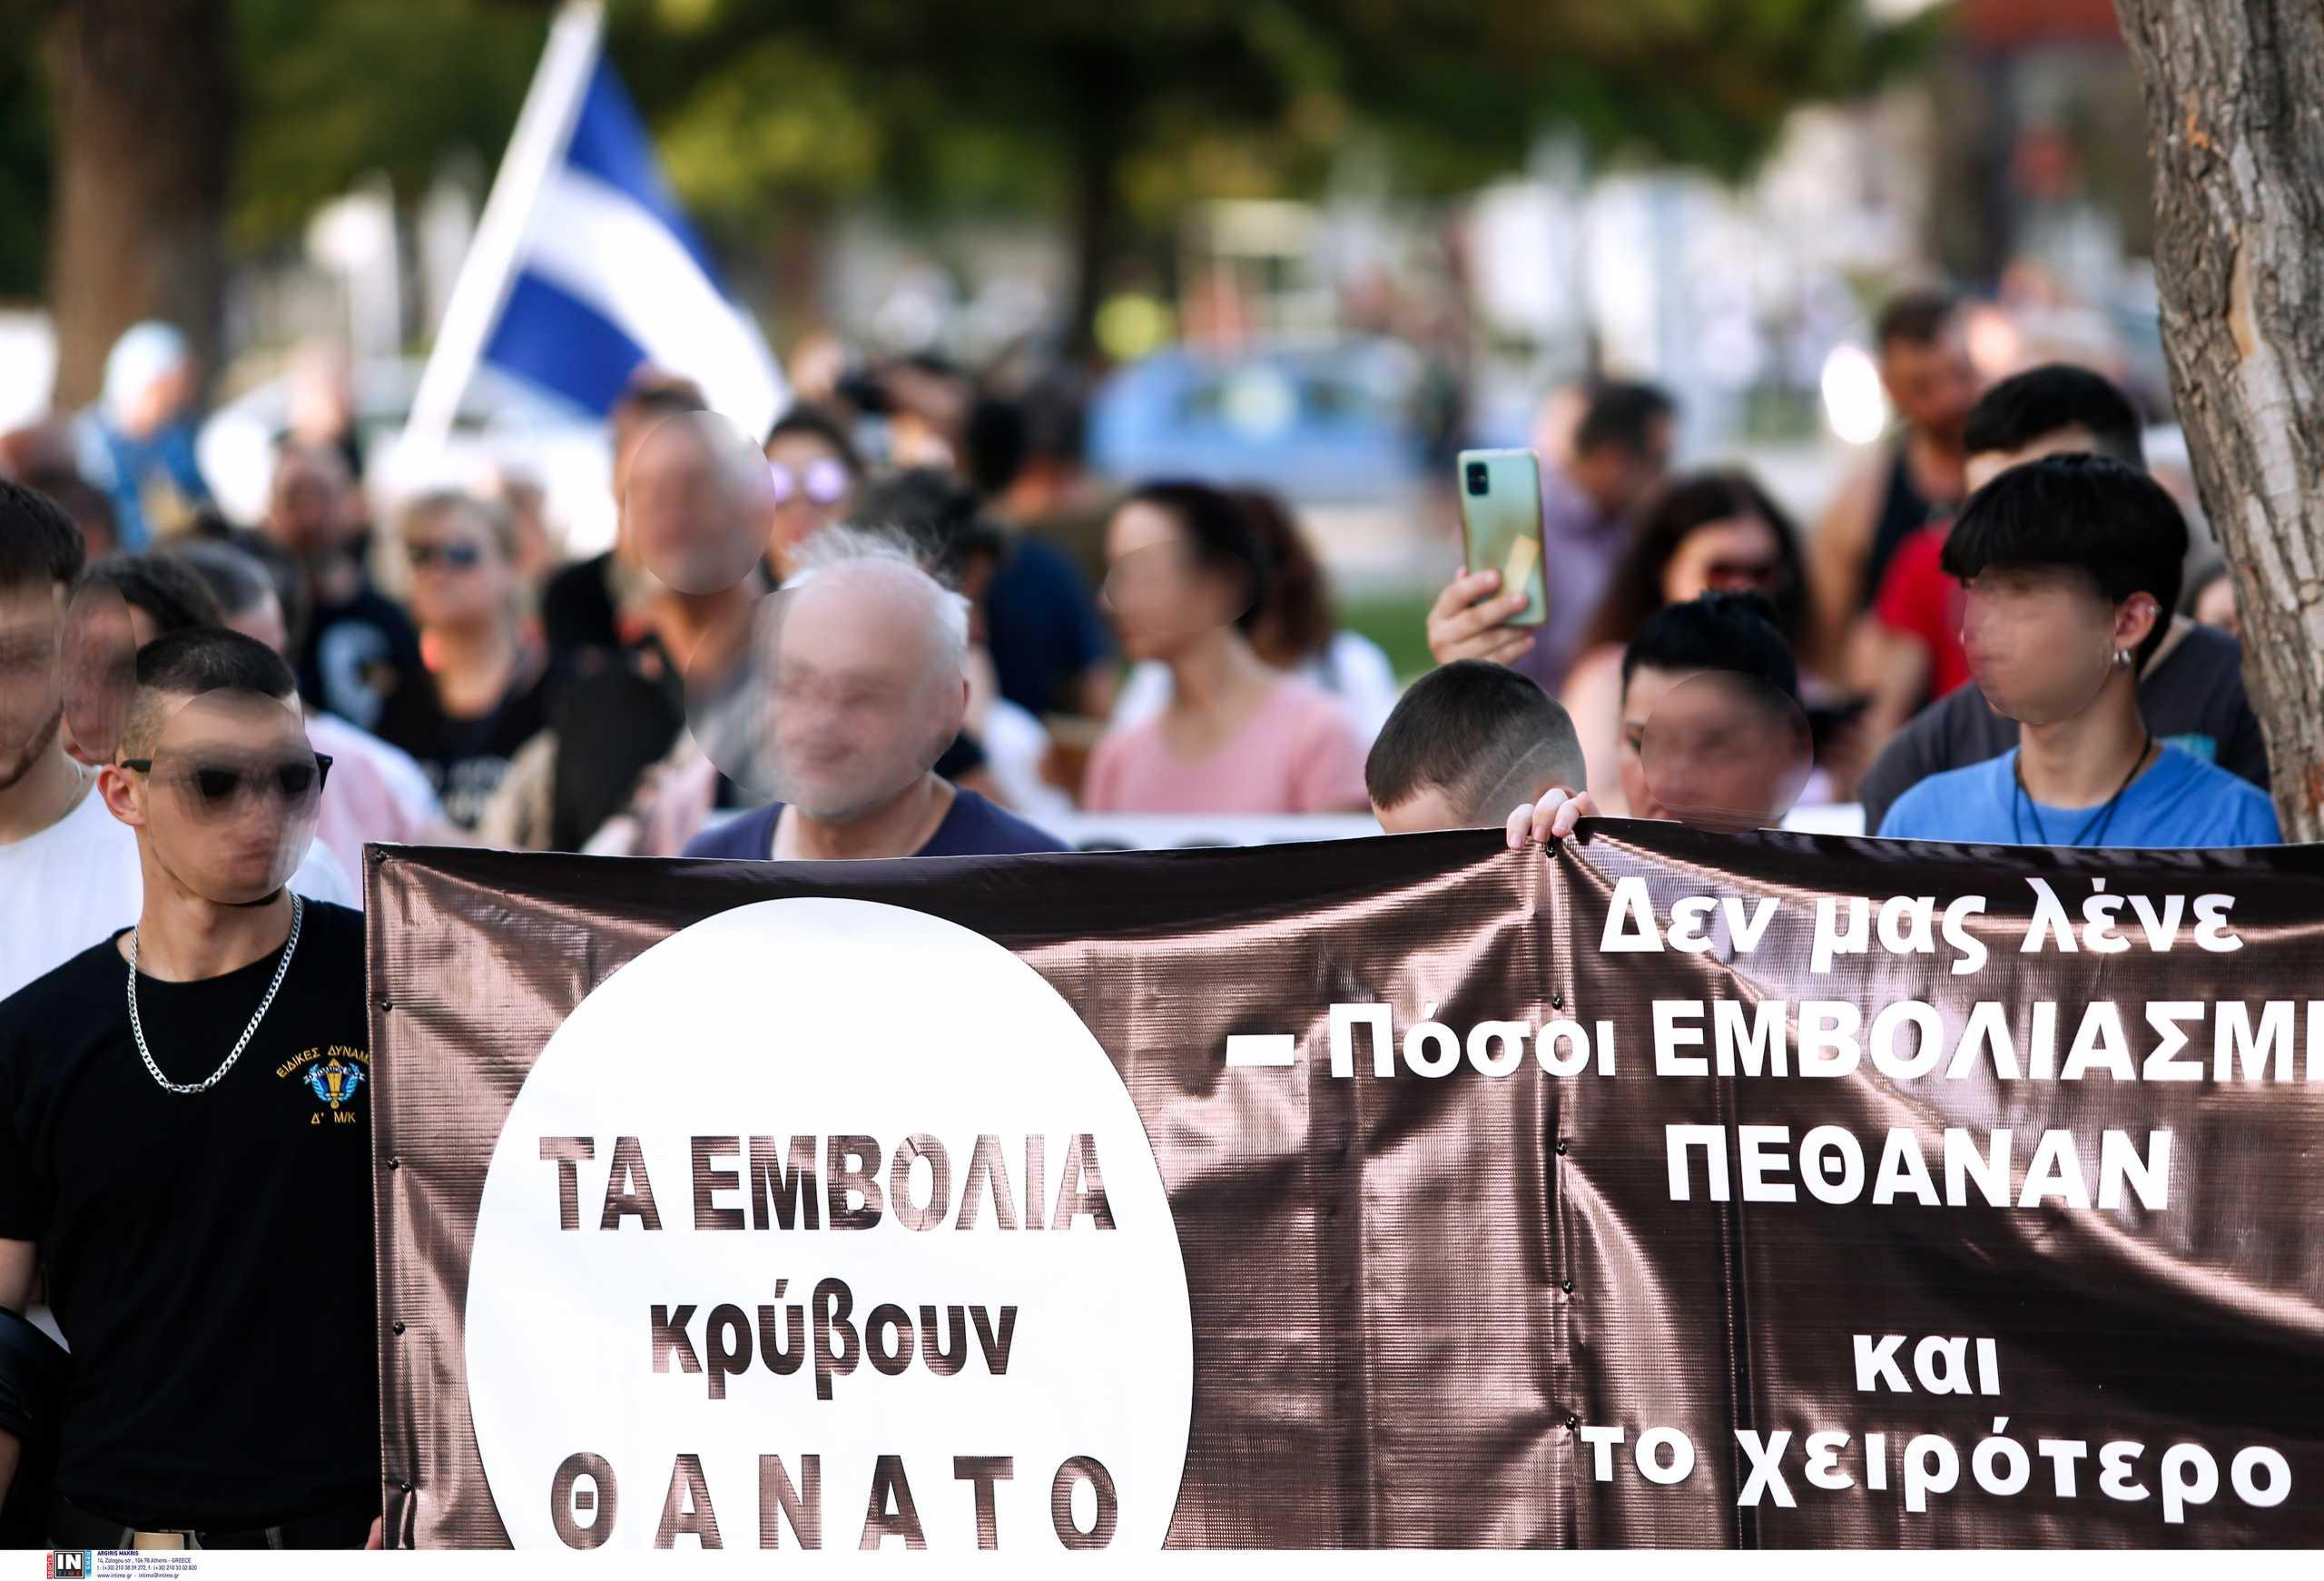 Πορεία αντιεμβολιαστών έγινε στη Θεσσαλονίκη